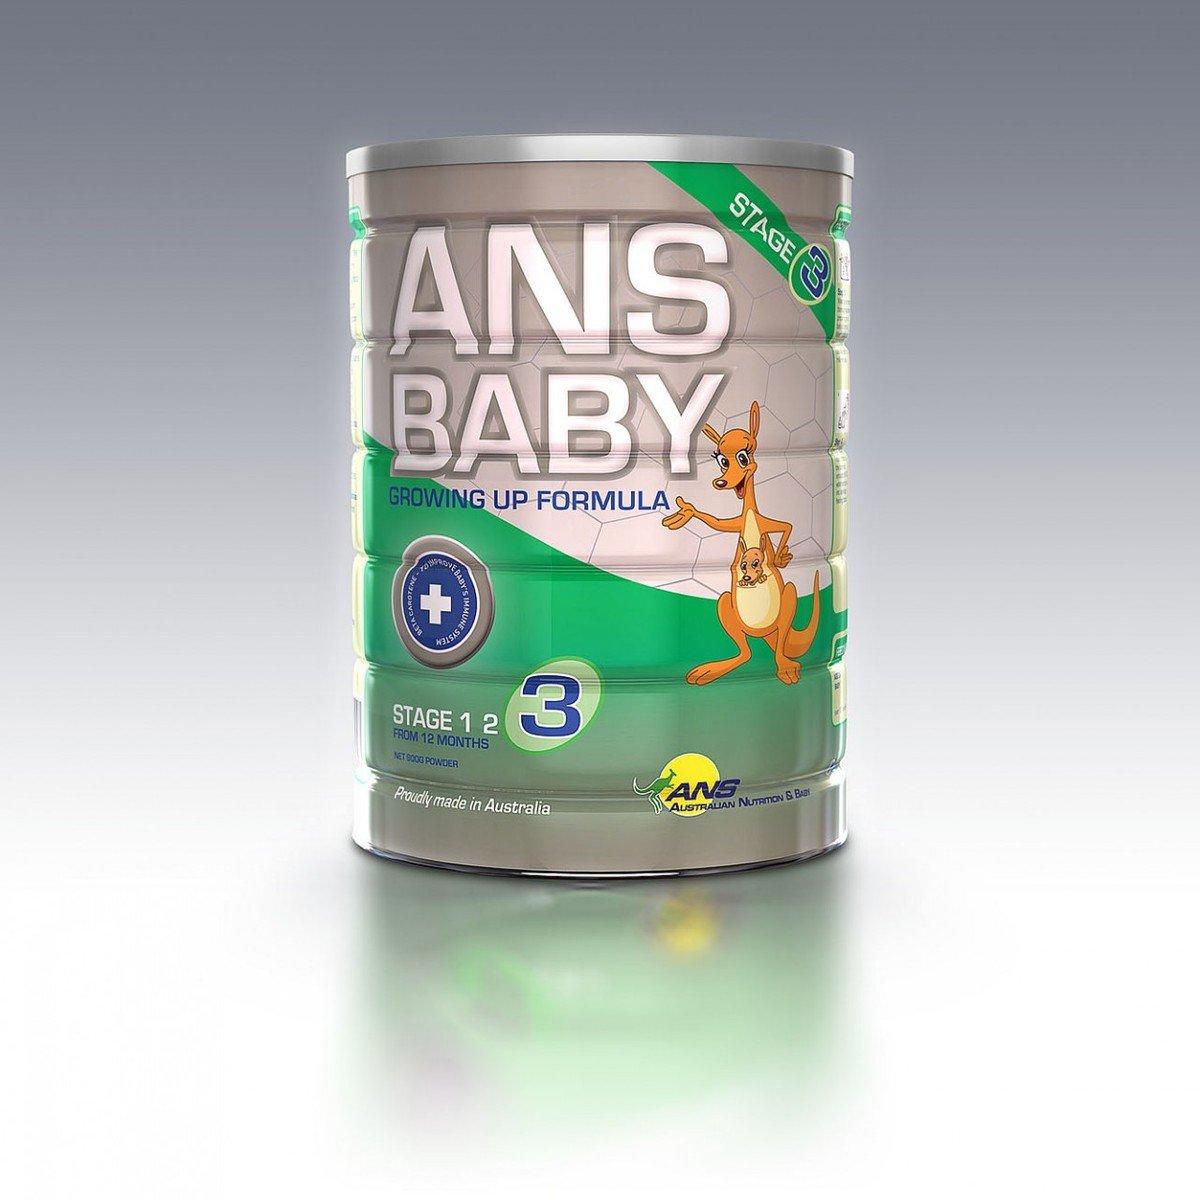 澳洲製造 ANS 嬰兒配方奶粉 – 第三階段 (適合12個月以上的嬰兒)